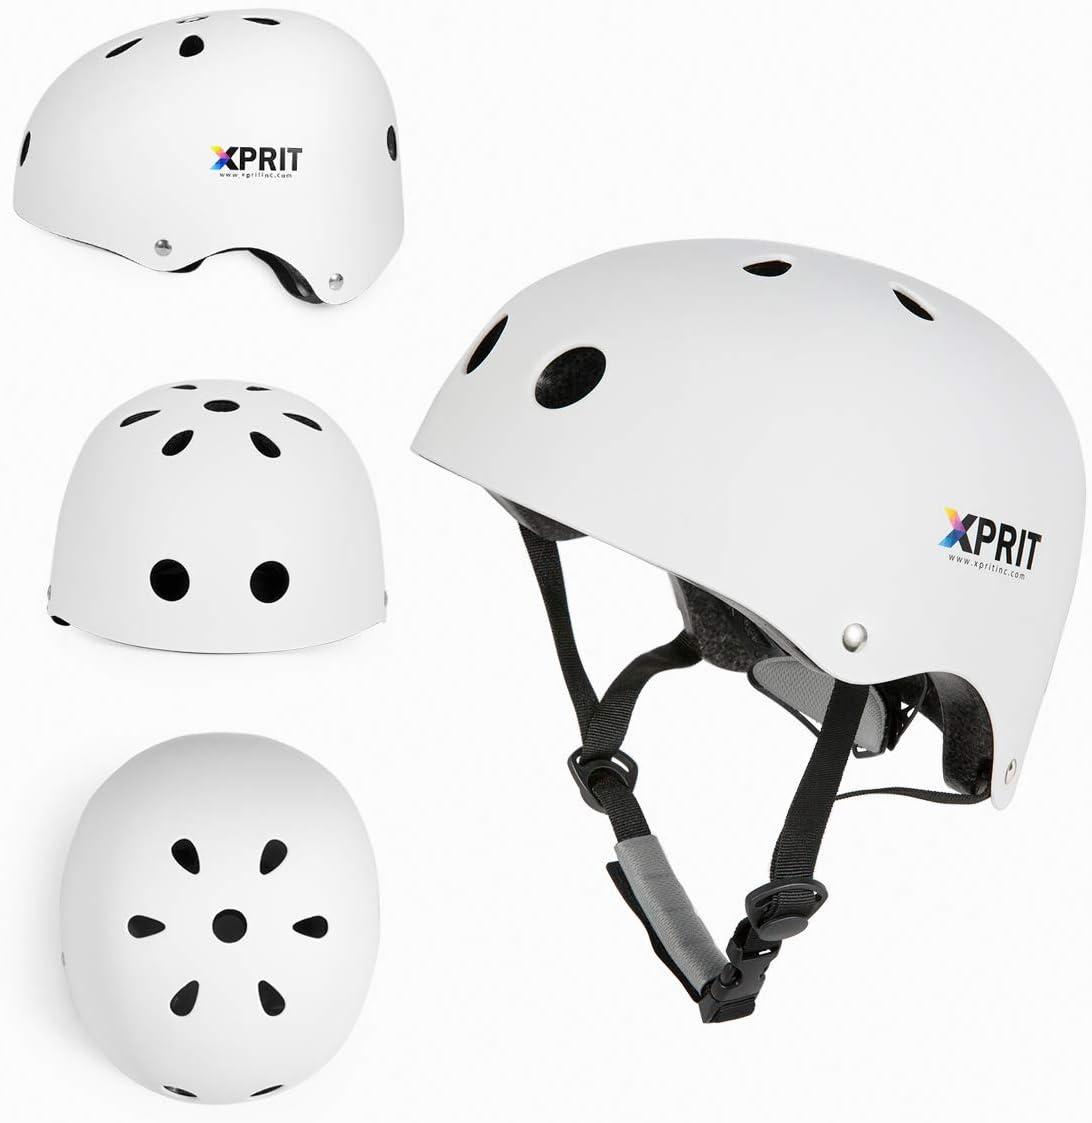 Bike XPRIT Skateboarding Scooter Helmet w//Impact Resistance